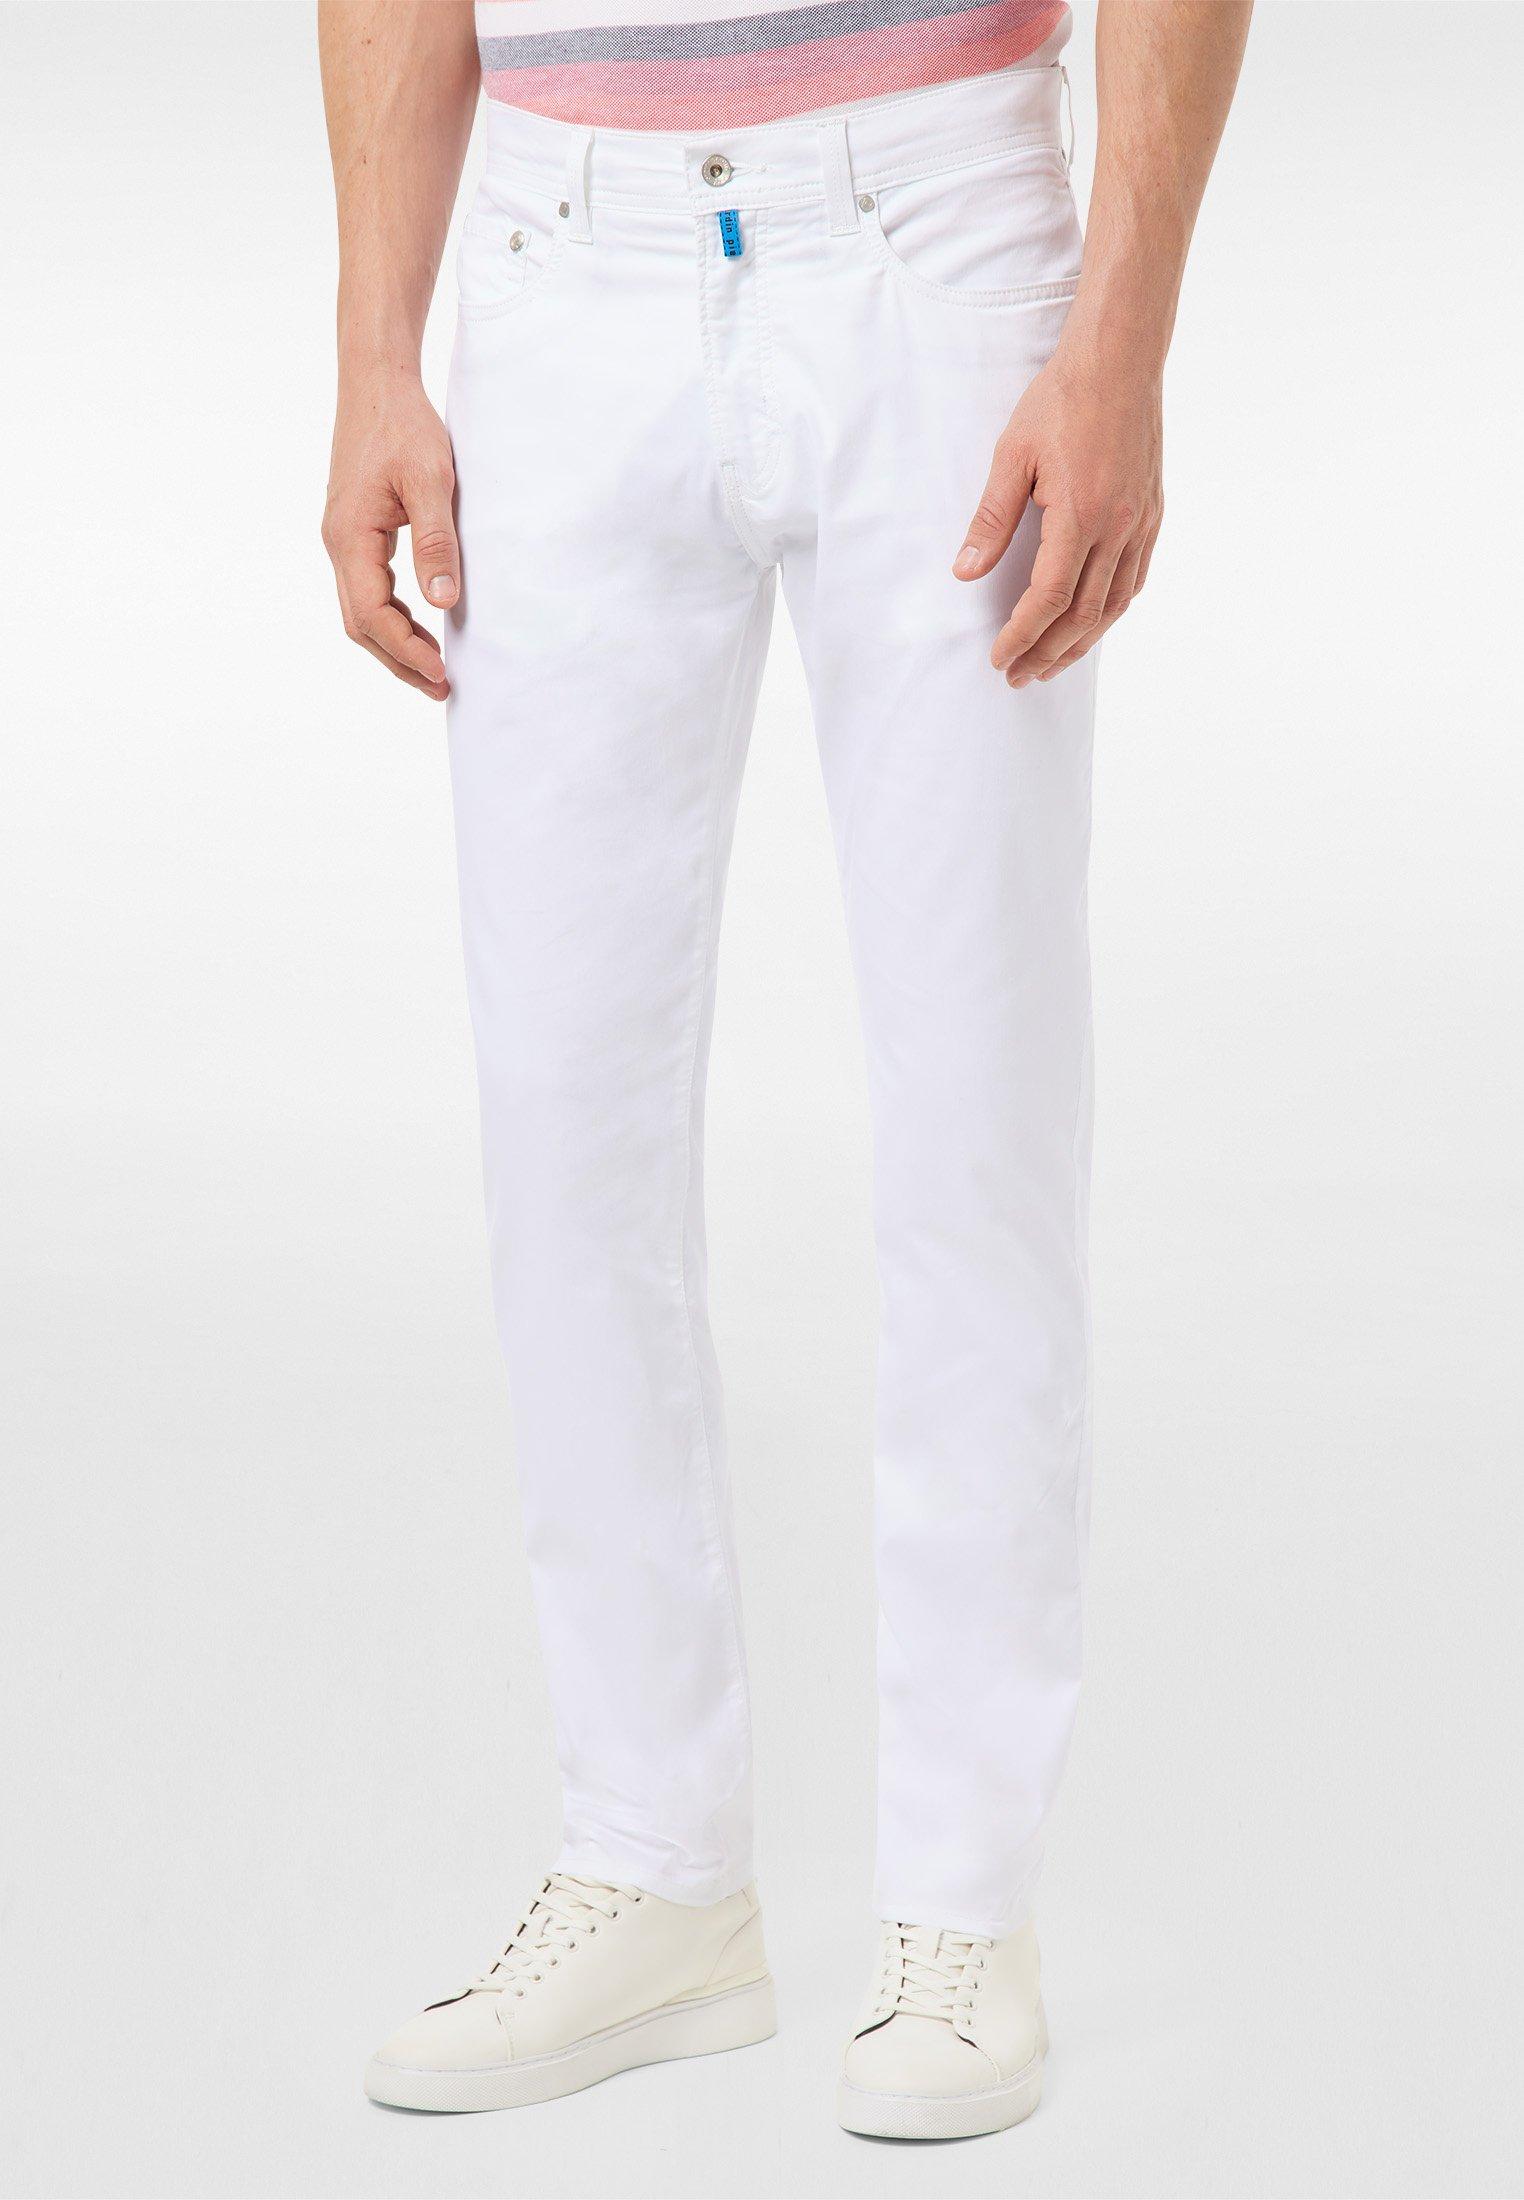 Homme LYON - Jeans fuselé